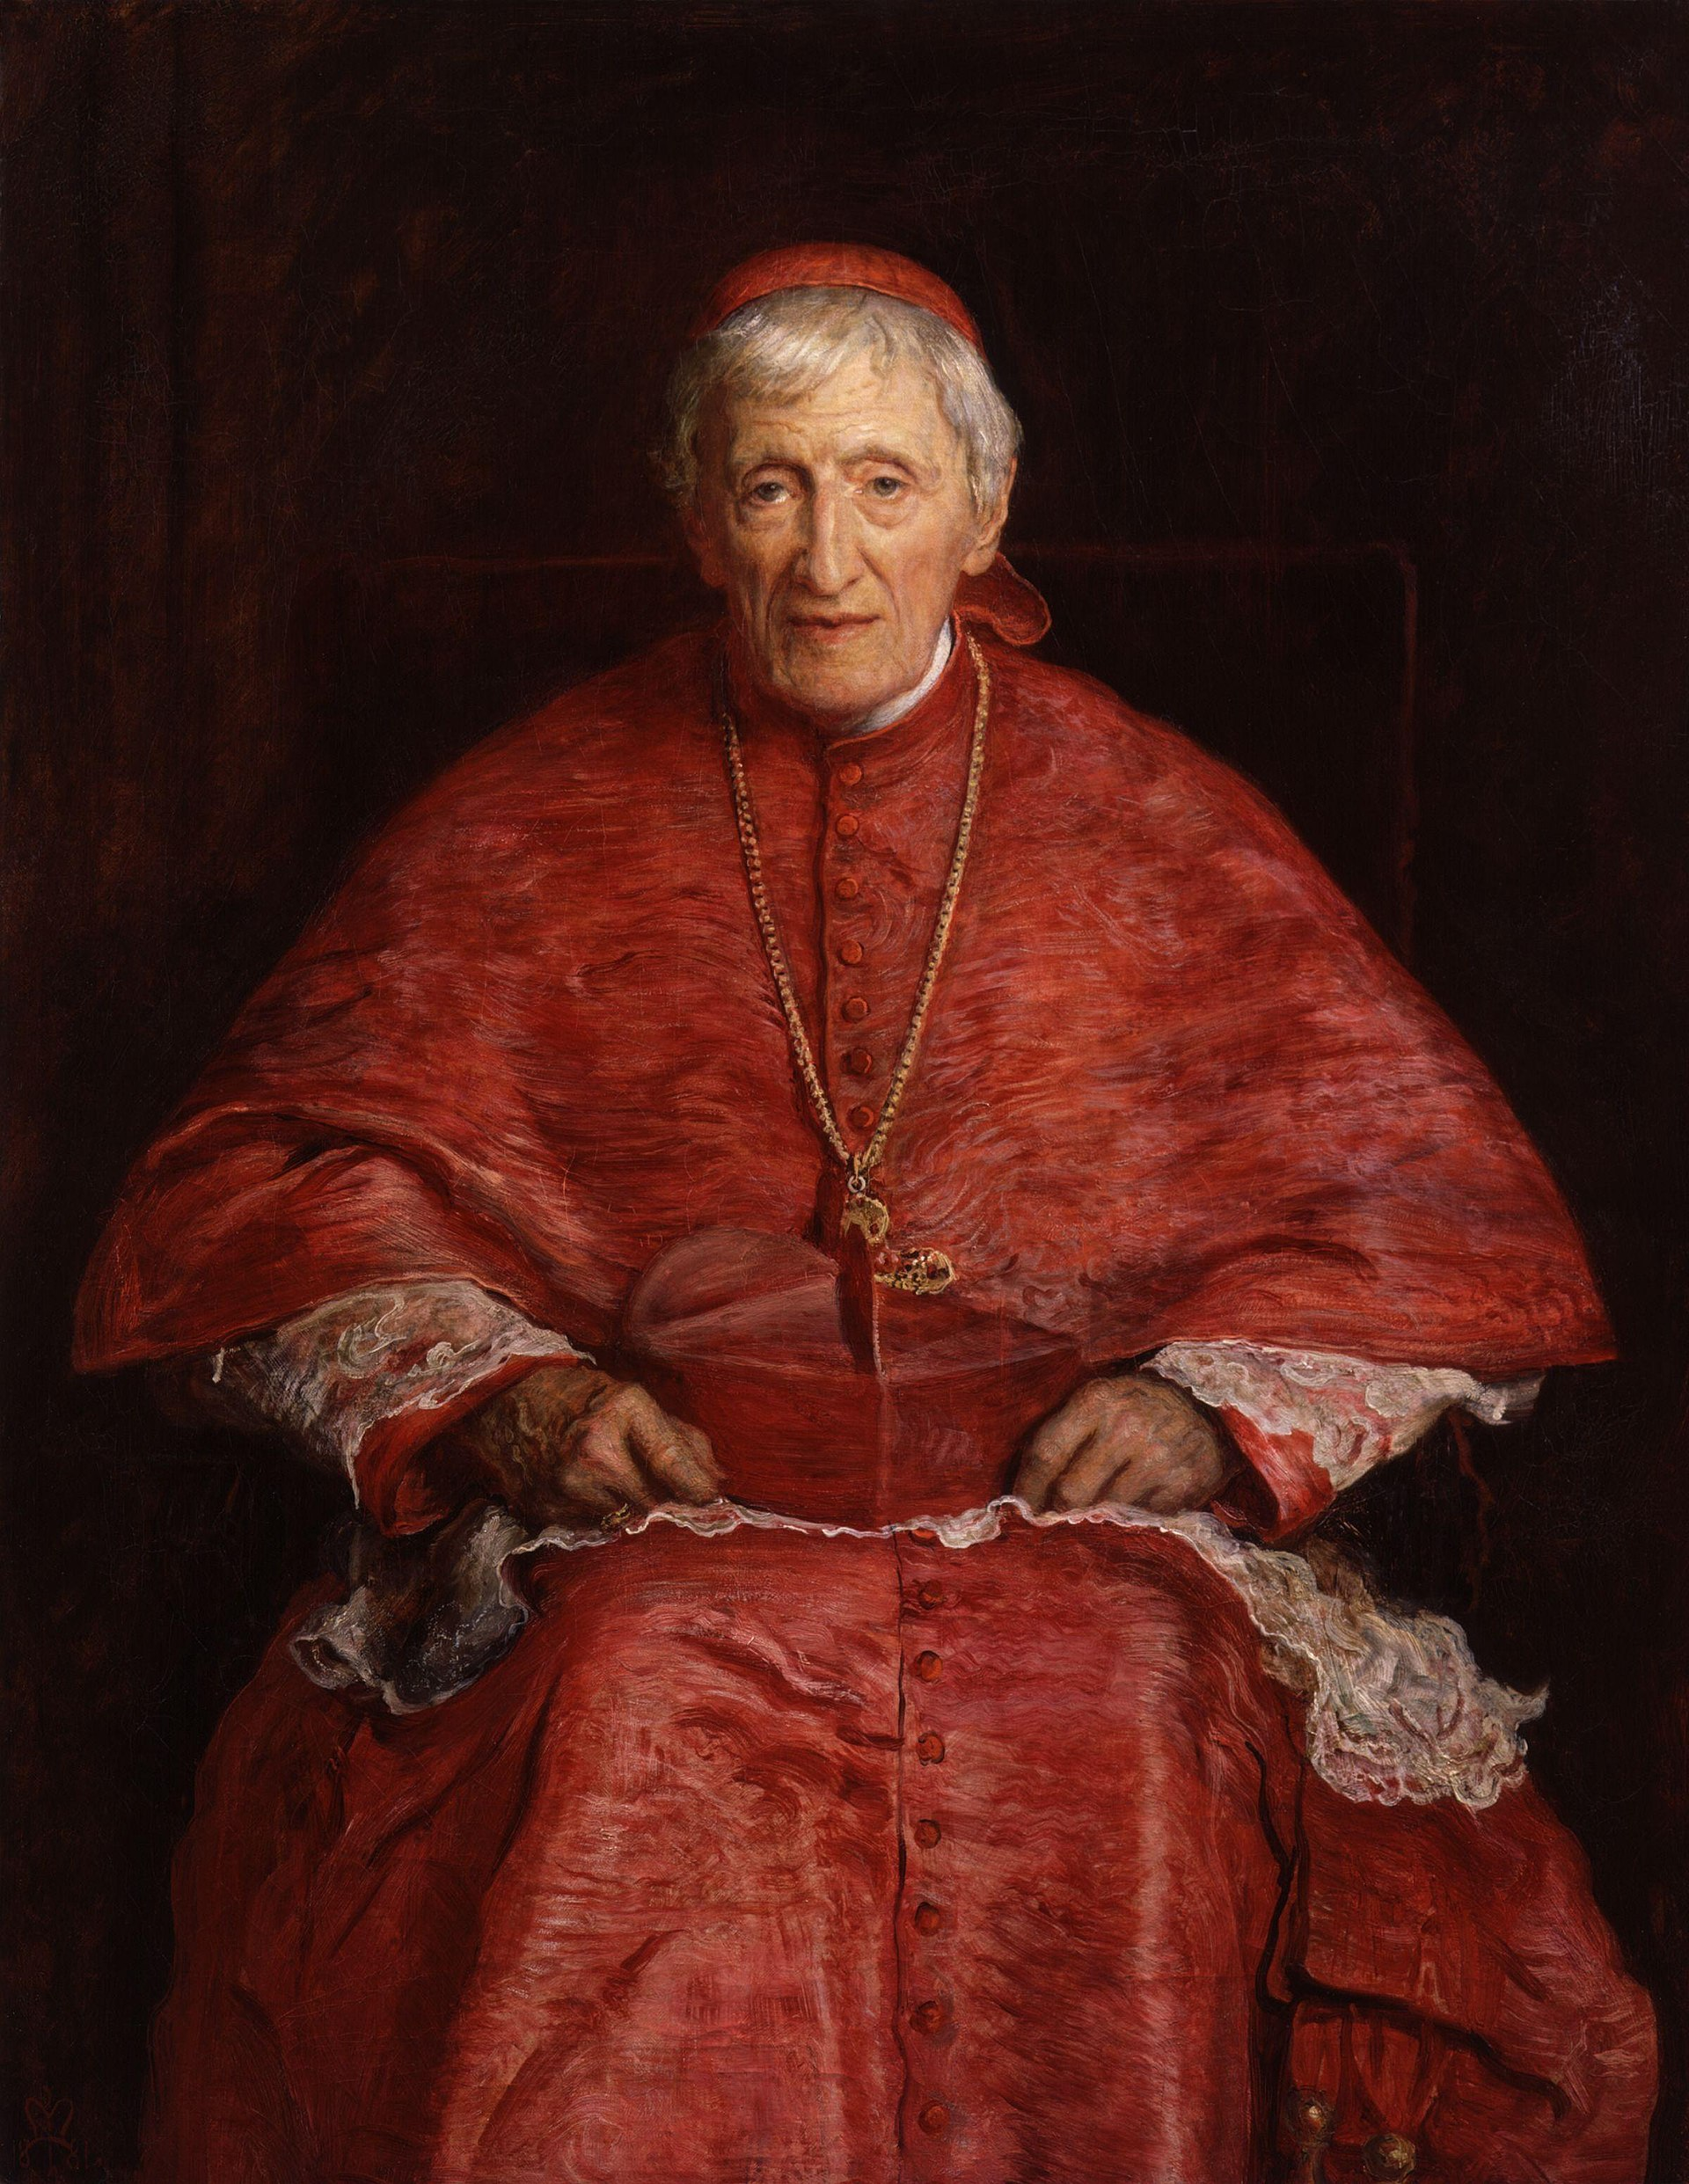 John Henry Newman by Sir John Everett Millais